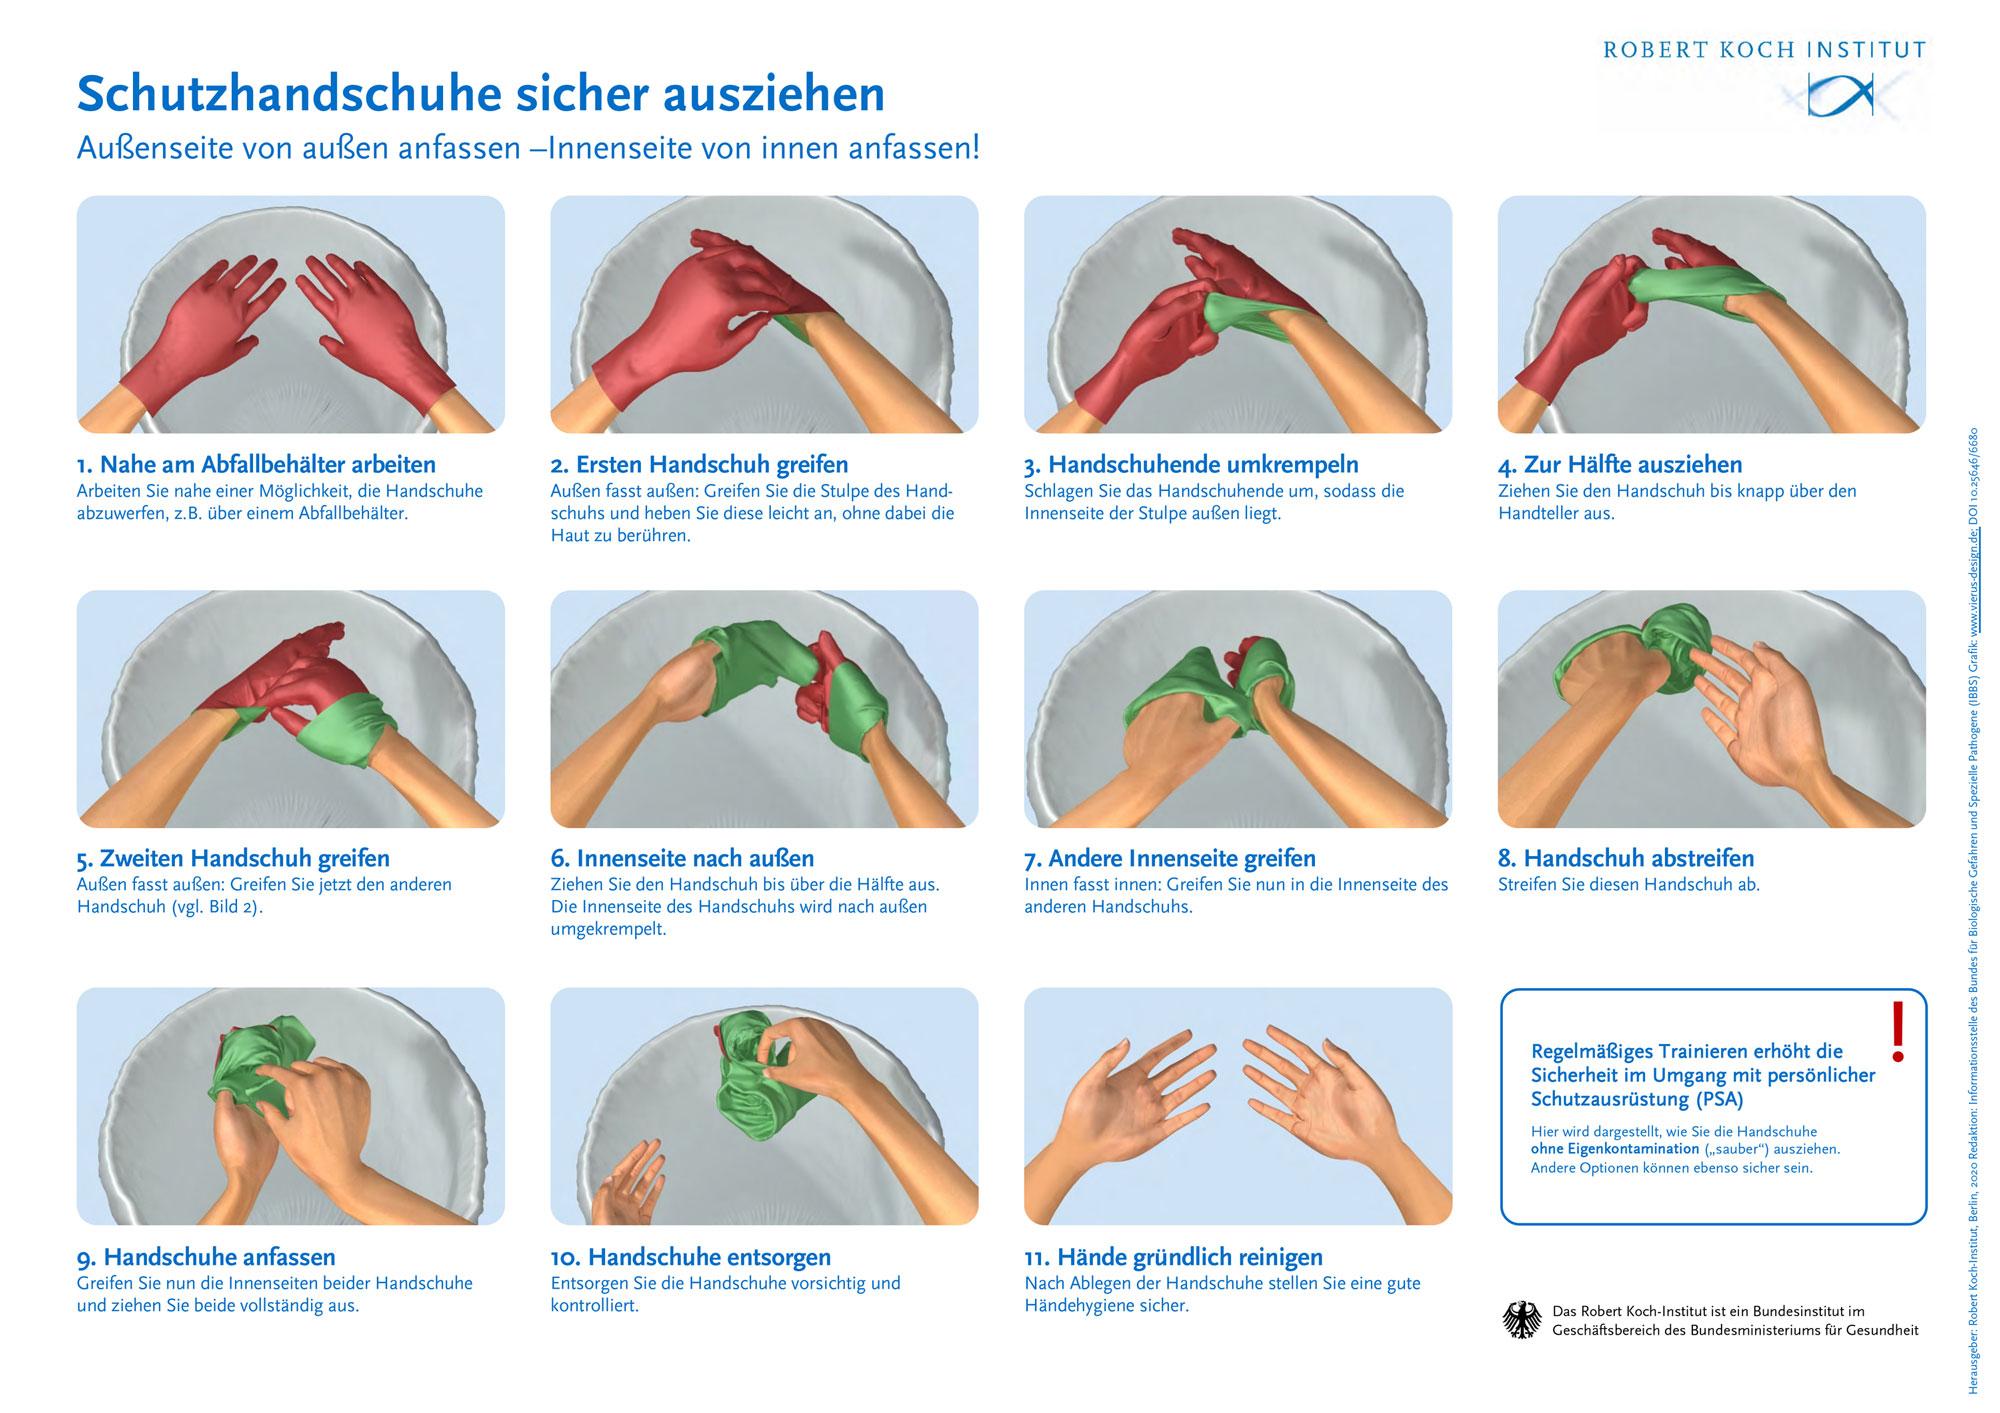 Handschuhe ablegen